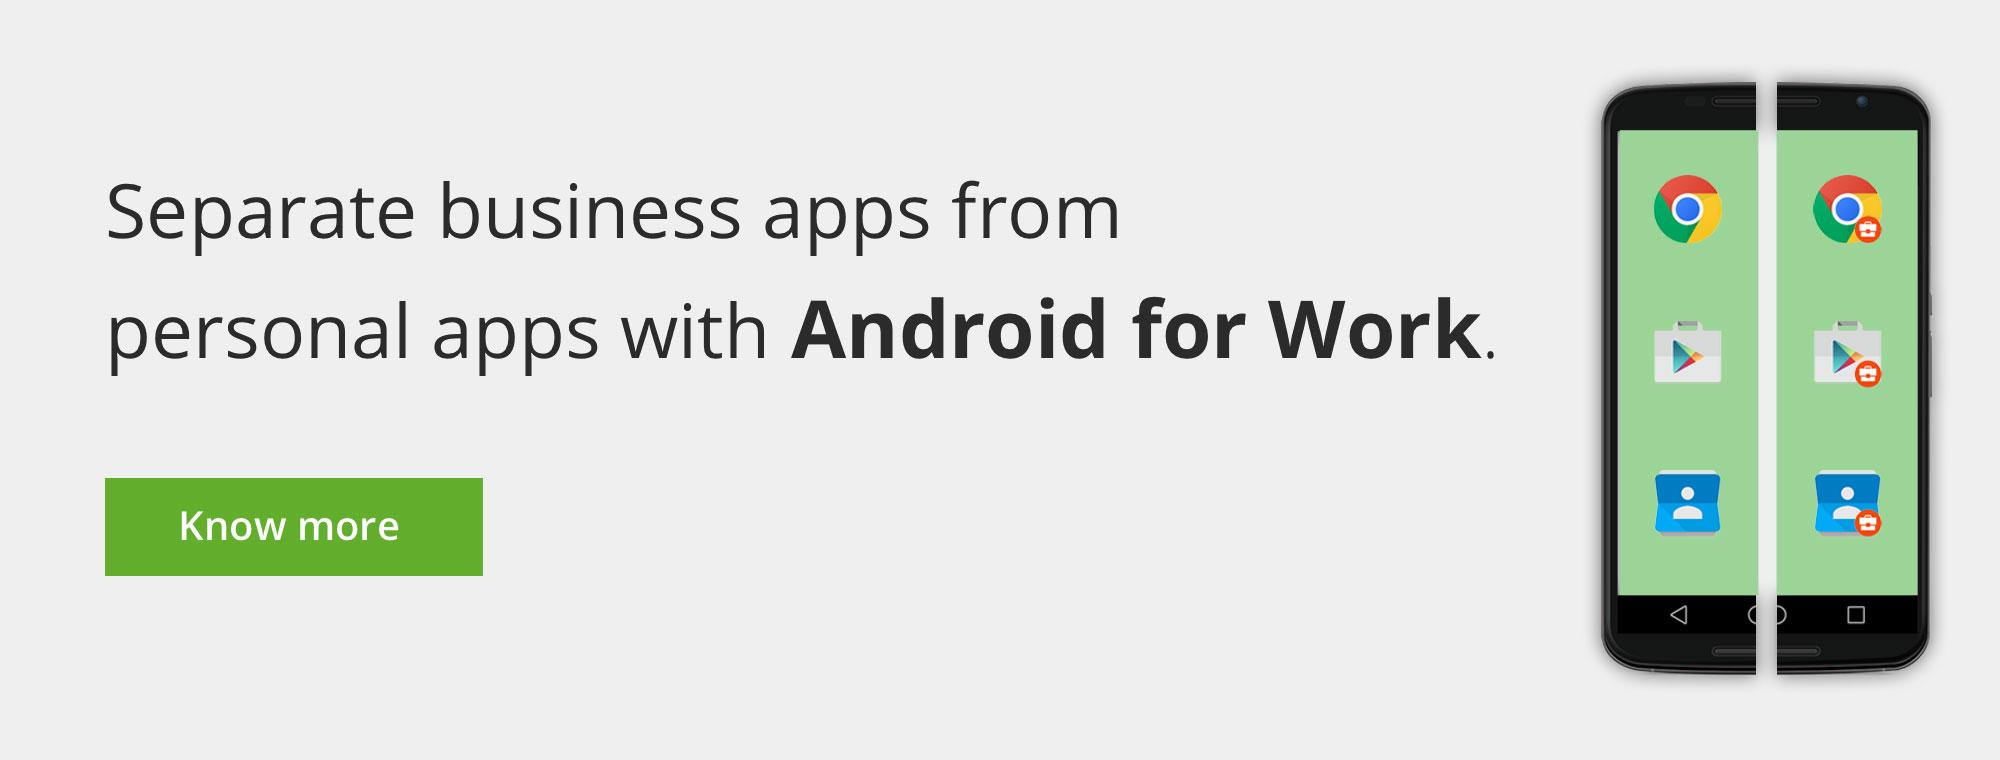 Separe las apps empresariales de las personales con Android for Work